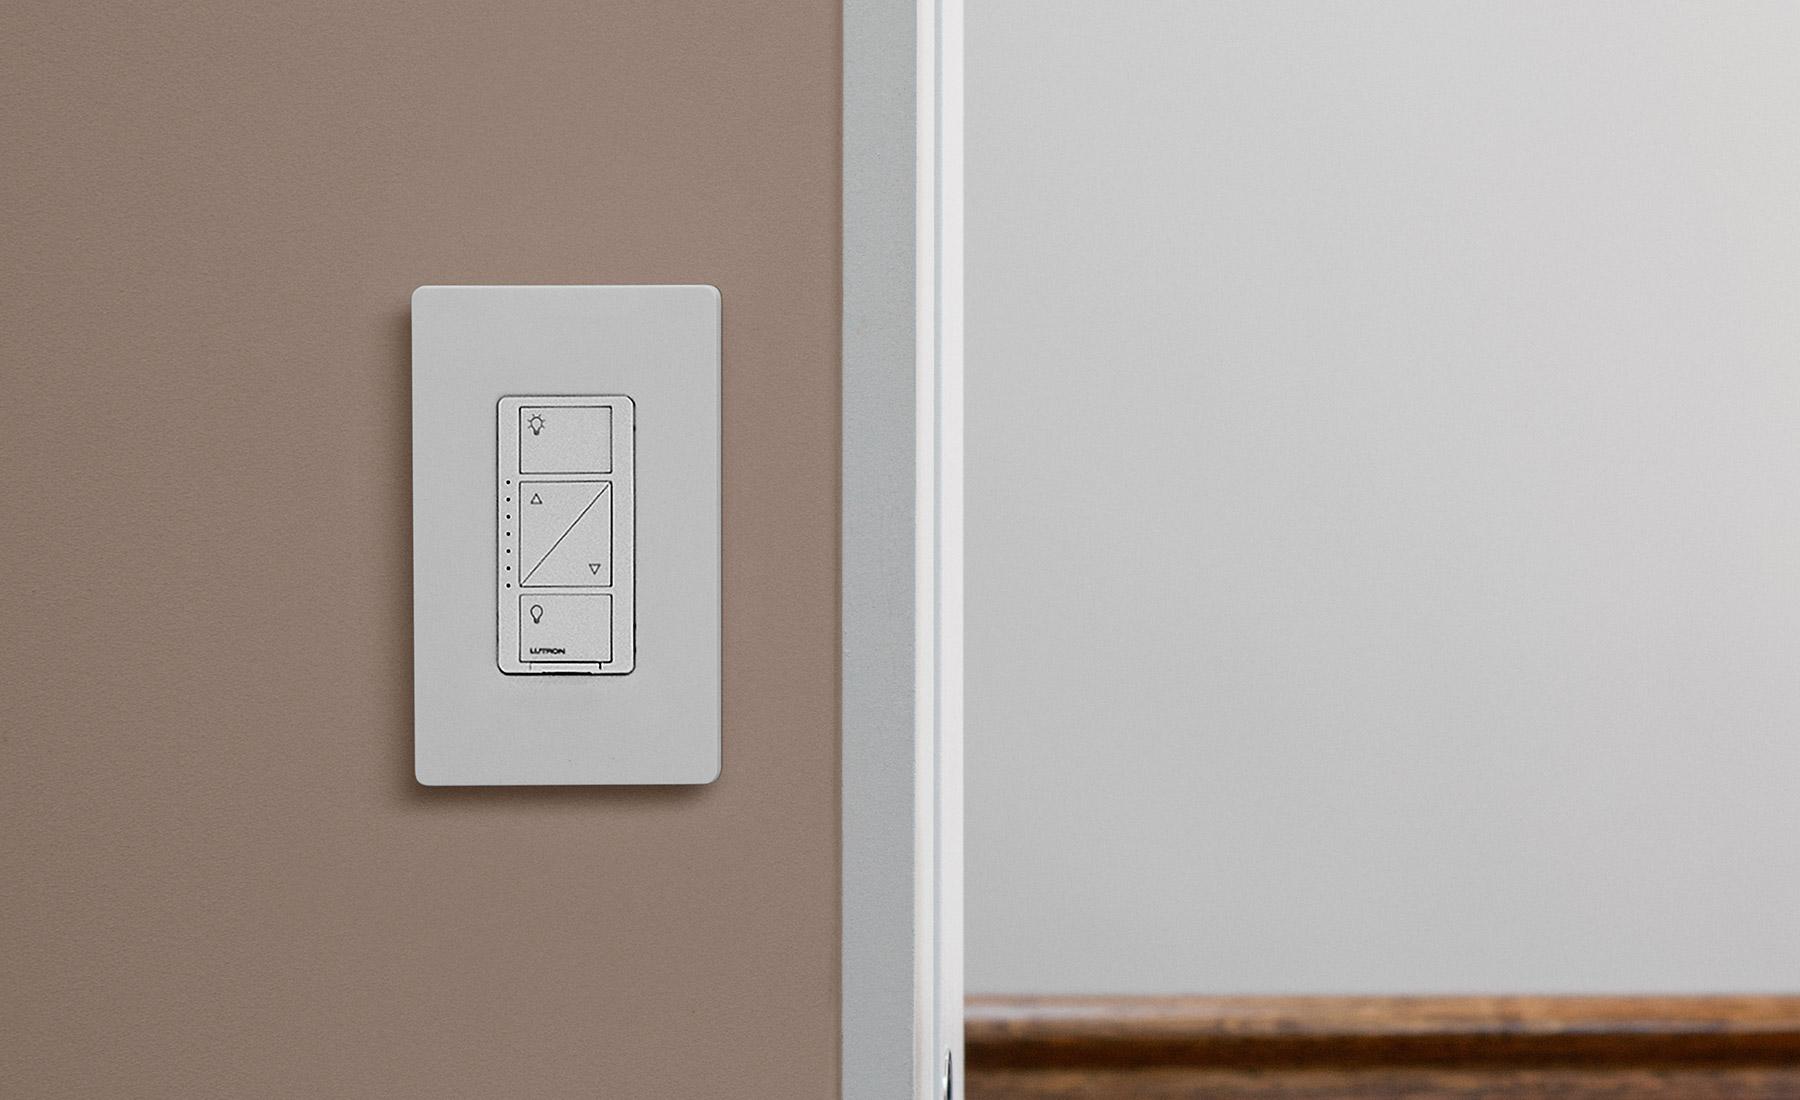 lutron led dimmer skylark contour 150watt preset cflled lutron hilume 1 dimmable led drivers. Black Bedroom Furniture Sets. Home Design Ideas